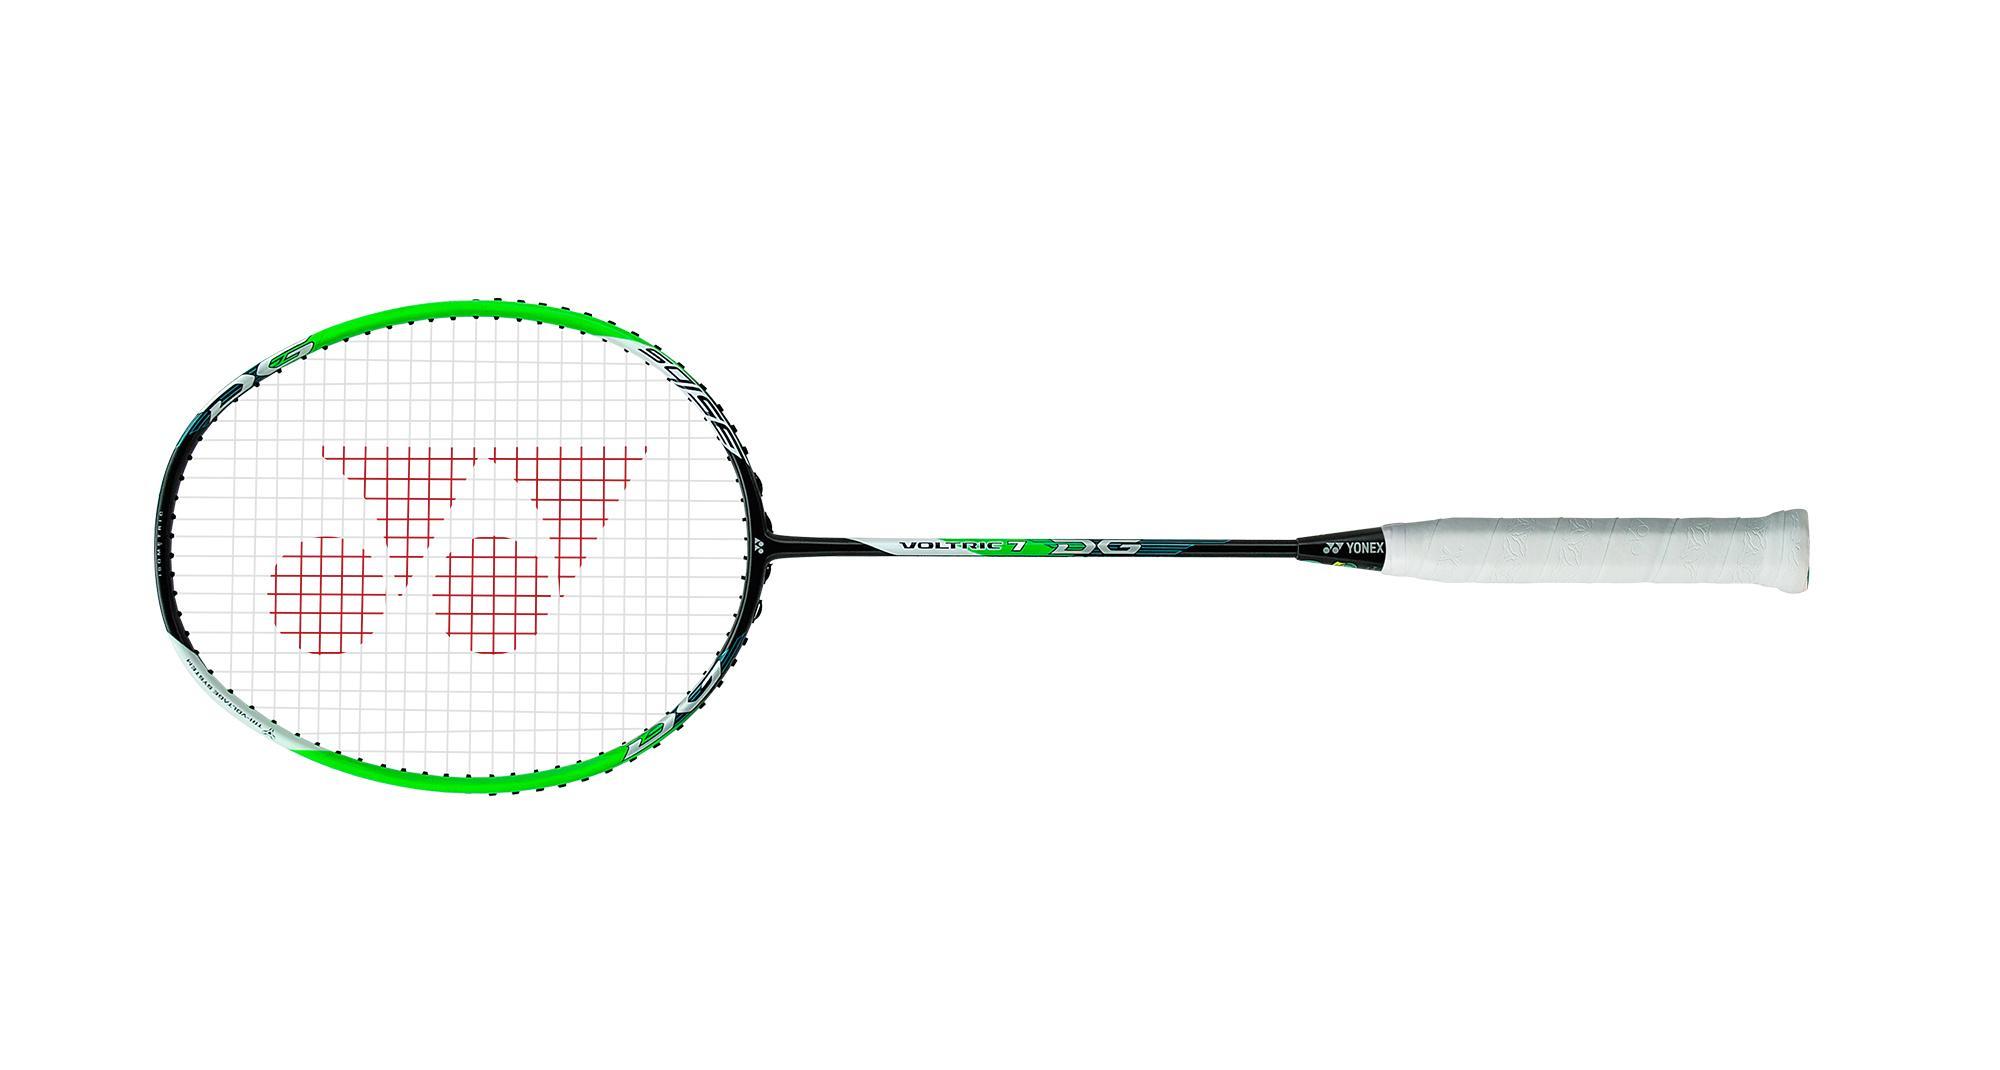 10 packs of Yonex Badminton racket racquet string BG66UM BG66UM LD BG66F